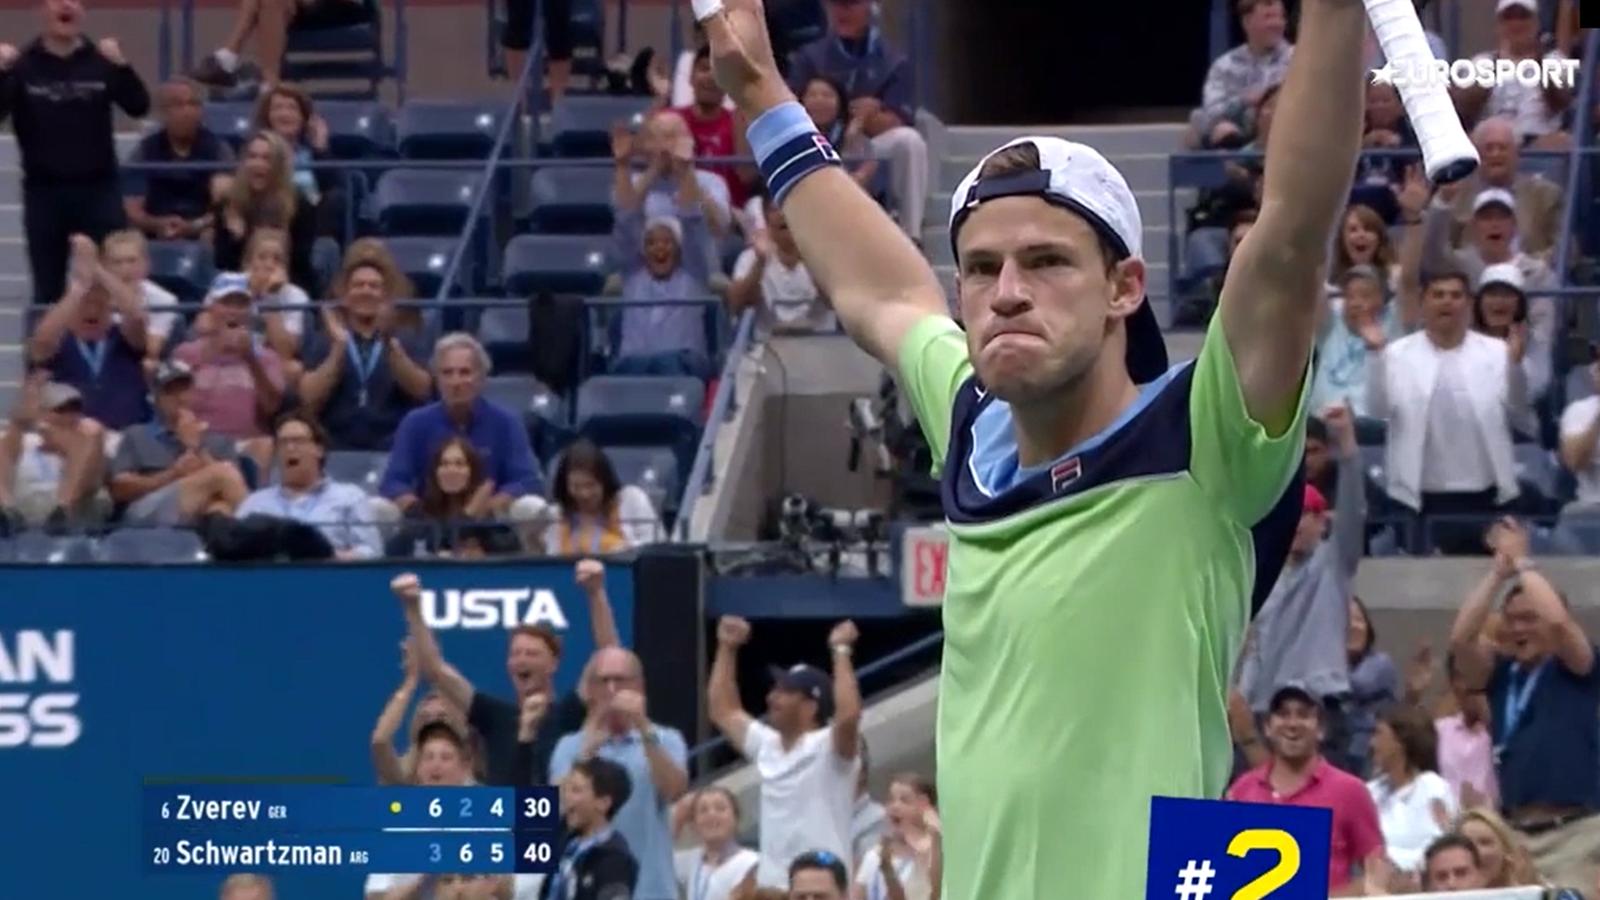 Топ-5 ударов восьмого дня US Open (видео) – Надаль, Шварцман, Монфис - US Open - Eurosport.ru